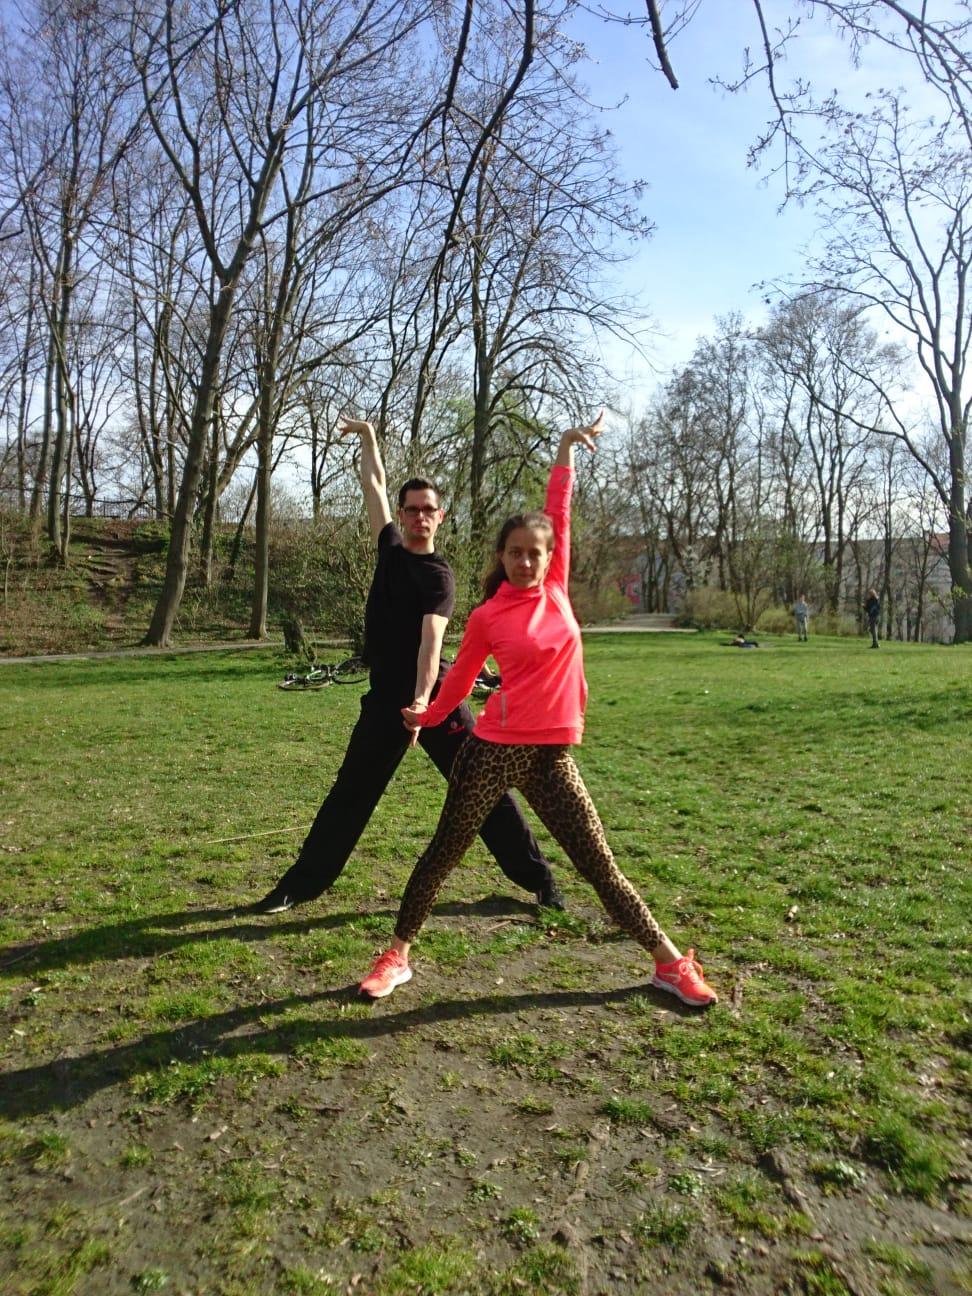 Wir trainieren im Volkspark Friedrichshain